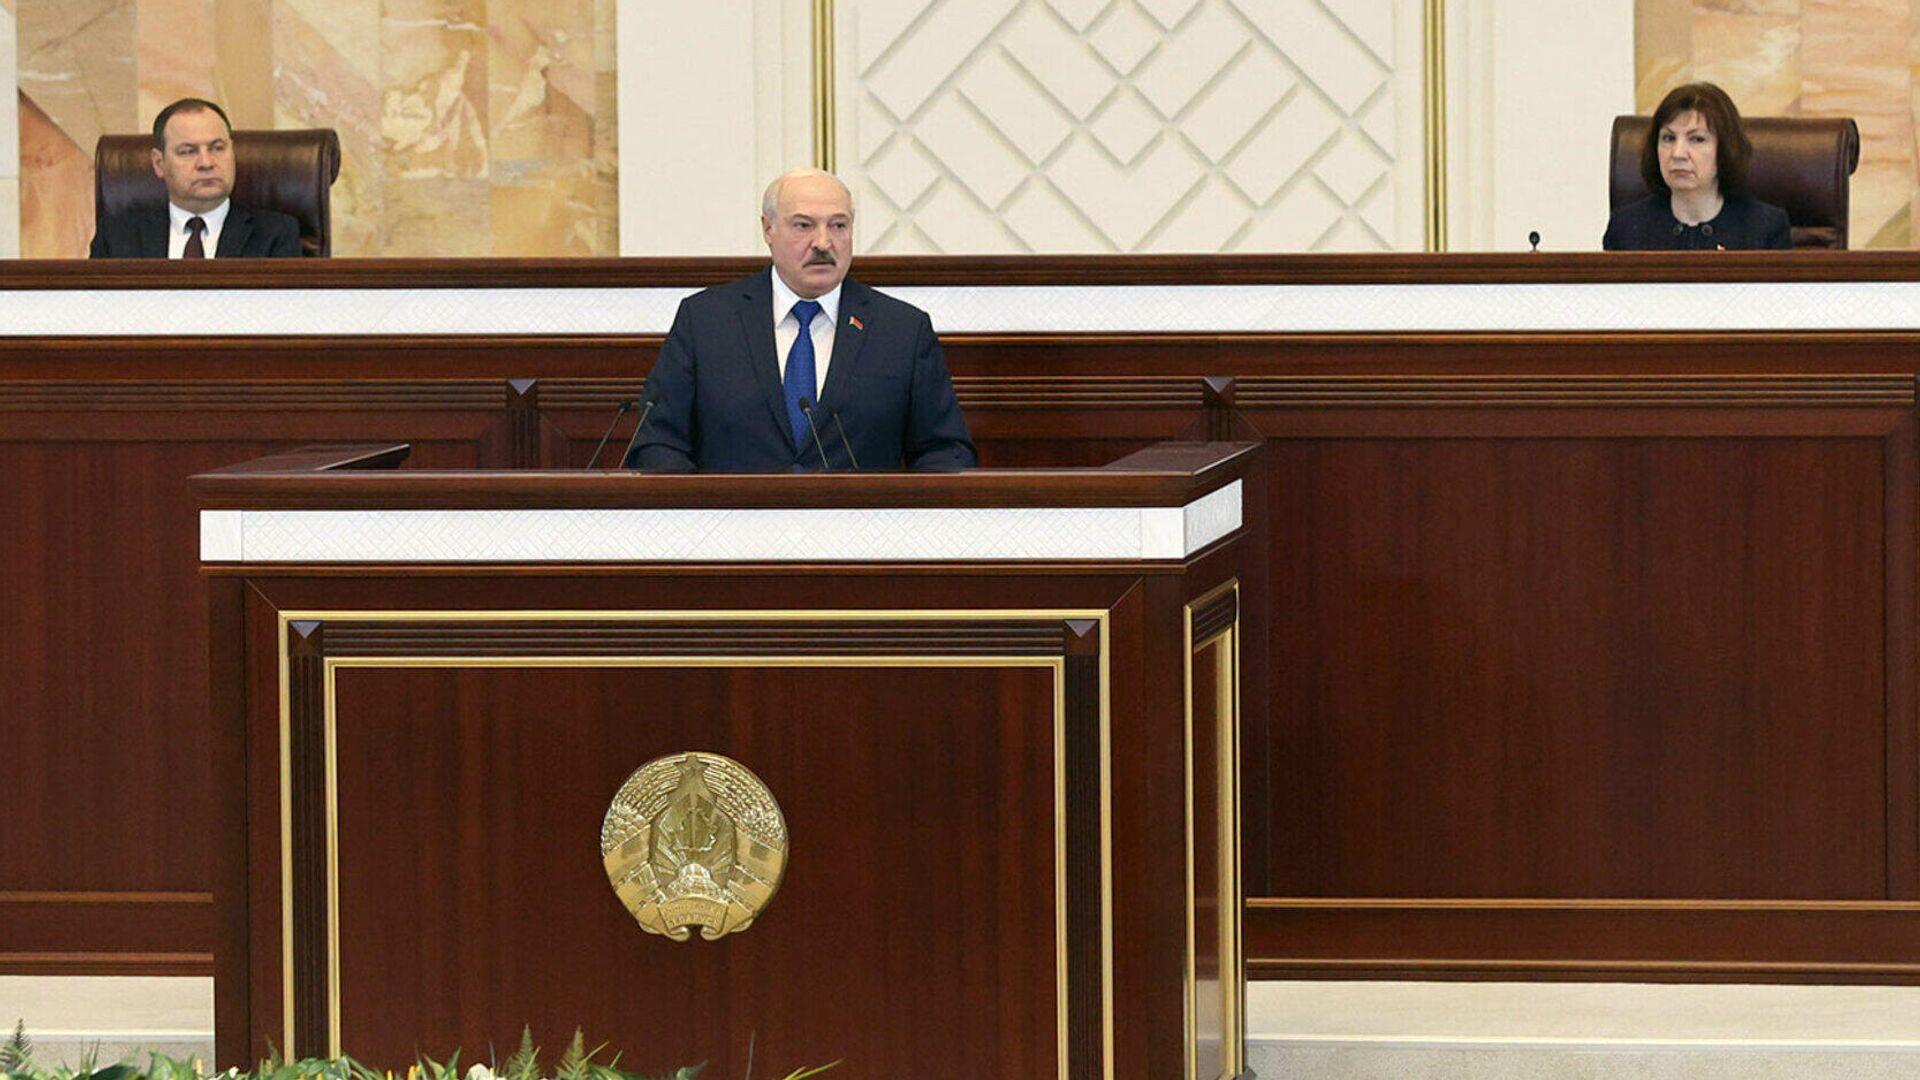 Президент Белоруссии Александр Лукашенко во время выступления в парламенте - РИА Новости, 1920, 30.07.2021